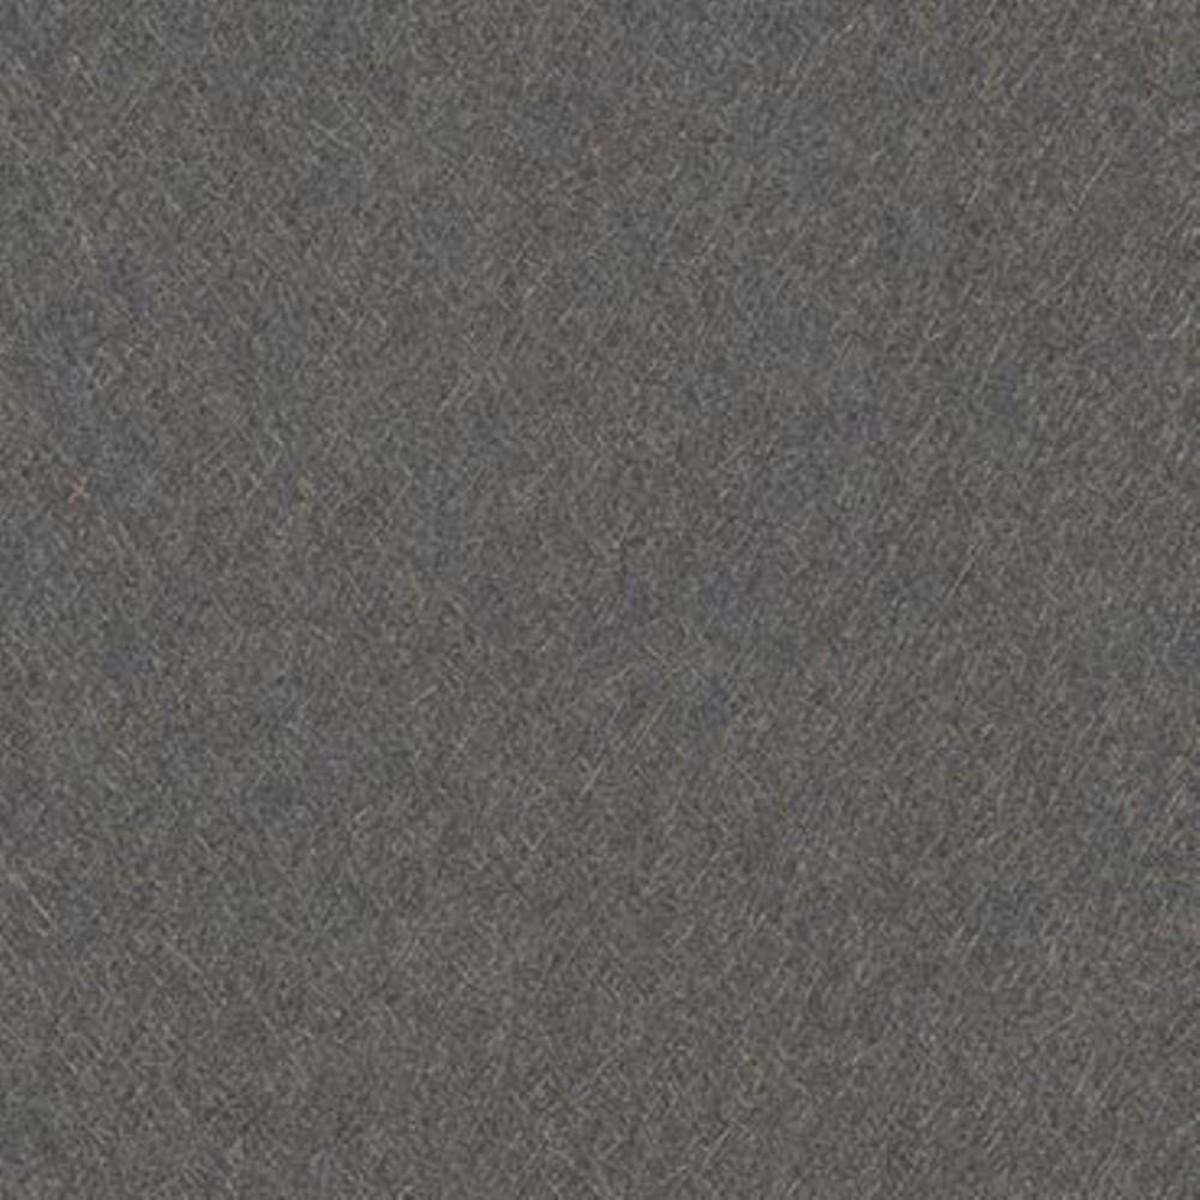 Обои виниловые Aura Texture World серые 0.53 м H2991706